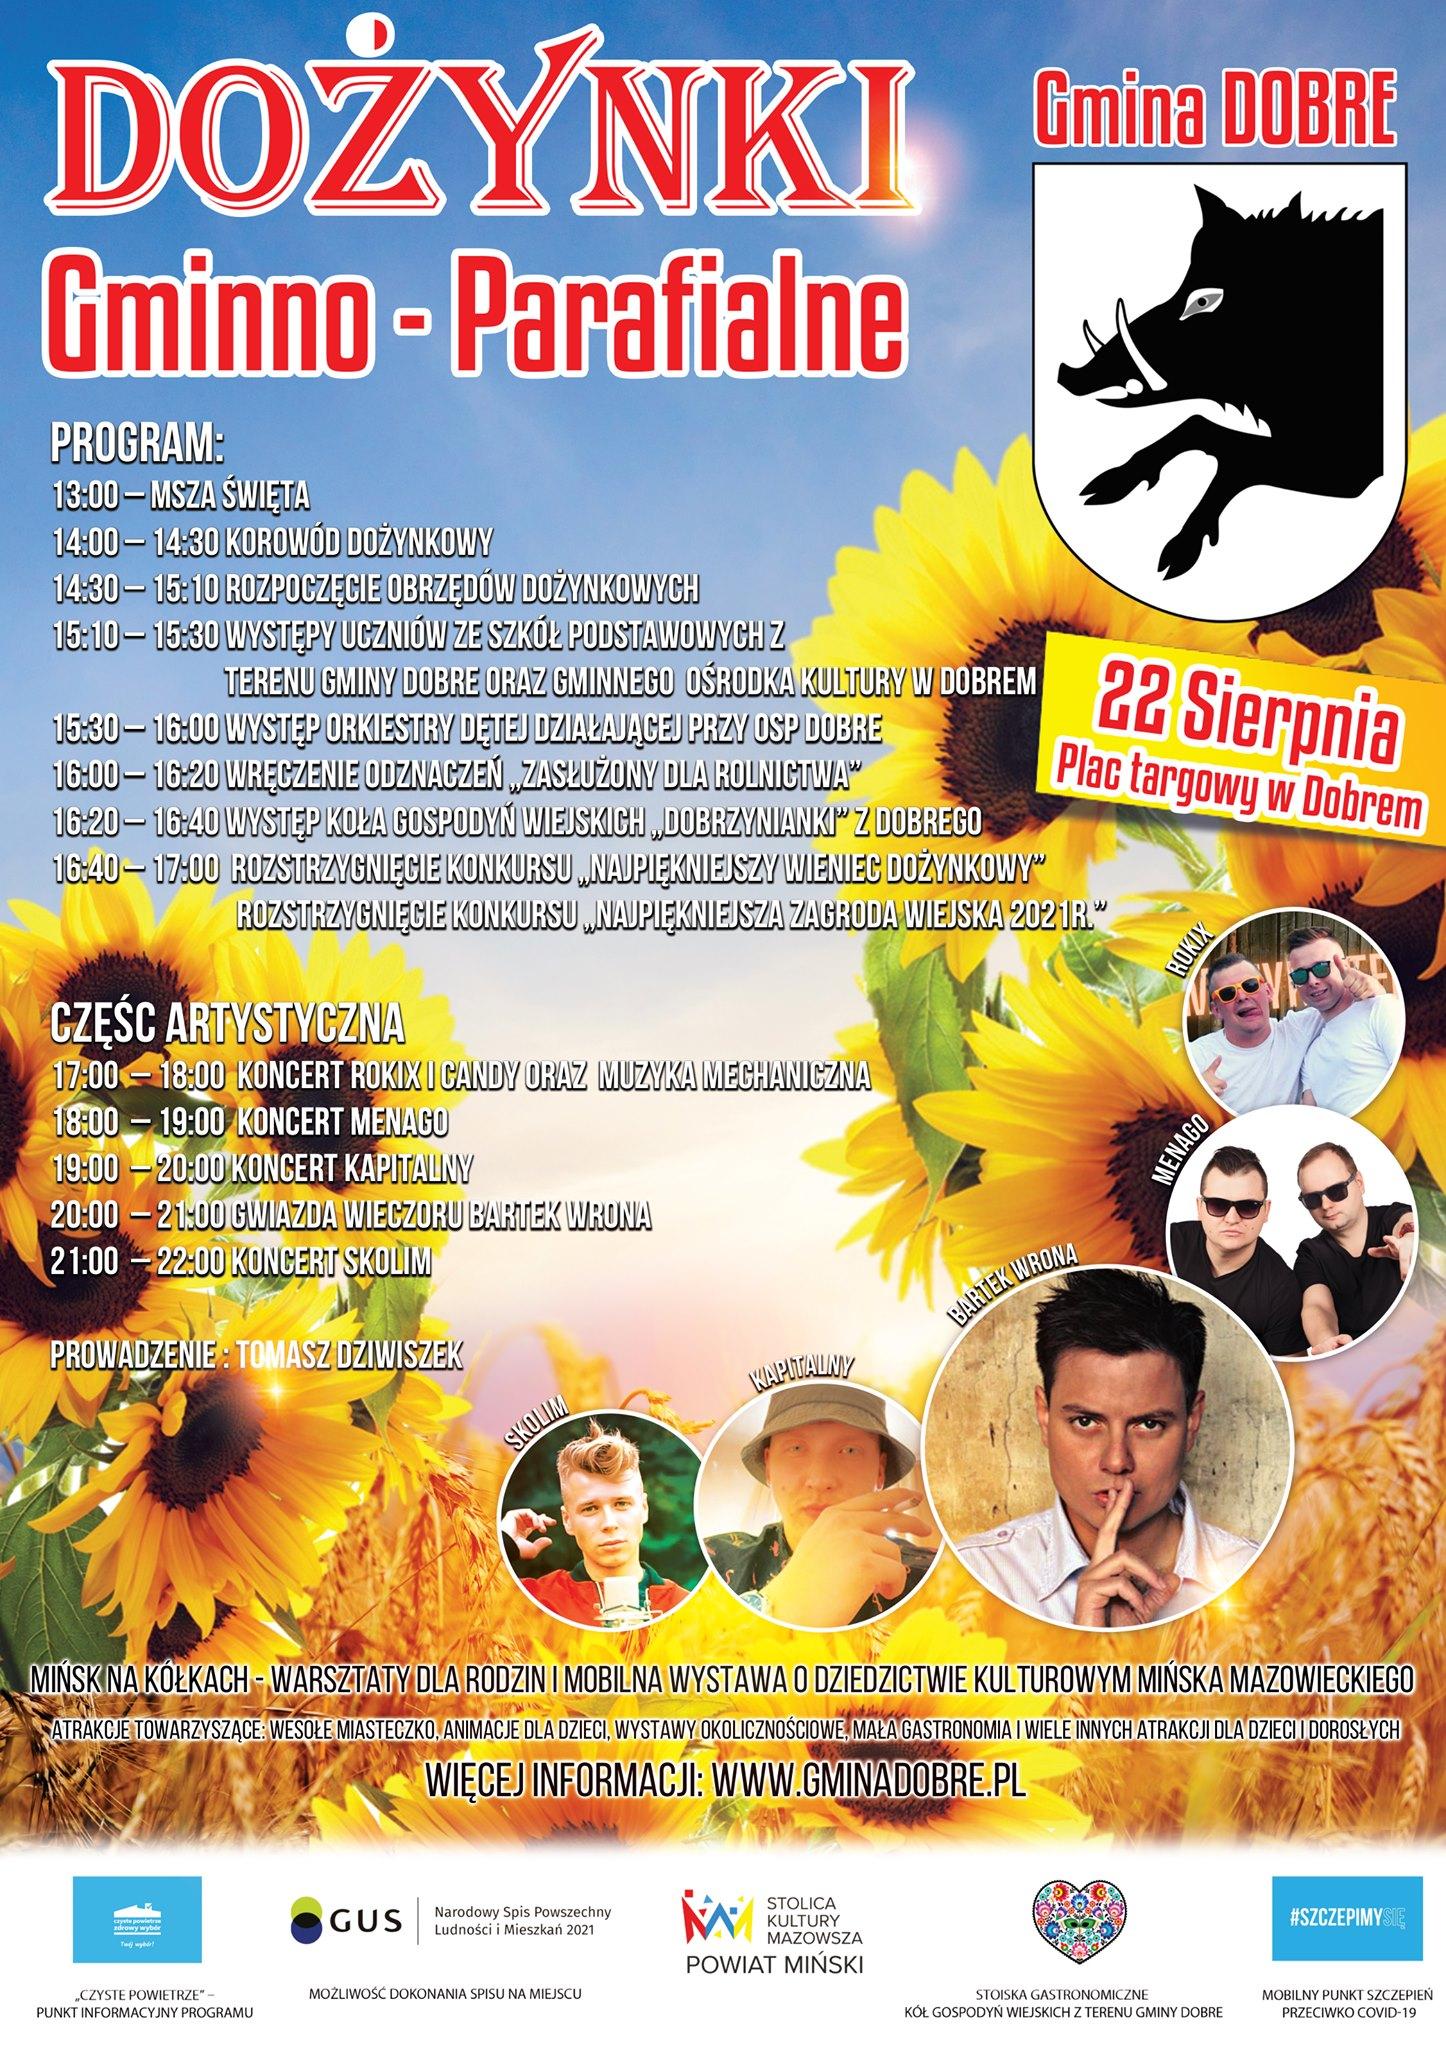 plakat przedstawiający program dożynek i artystów na nich występujących. W tle słoneczniki.